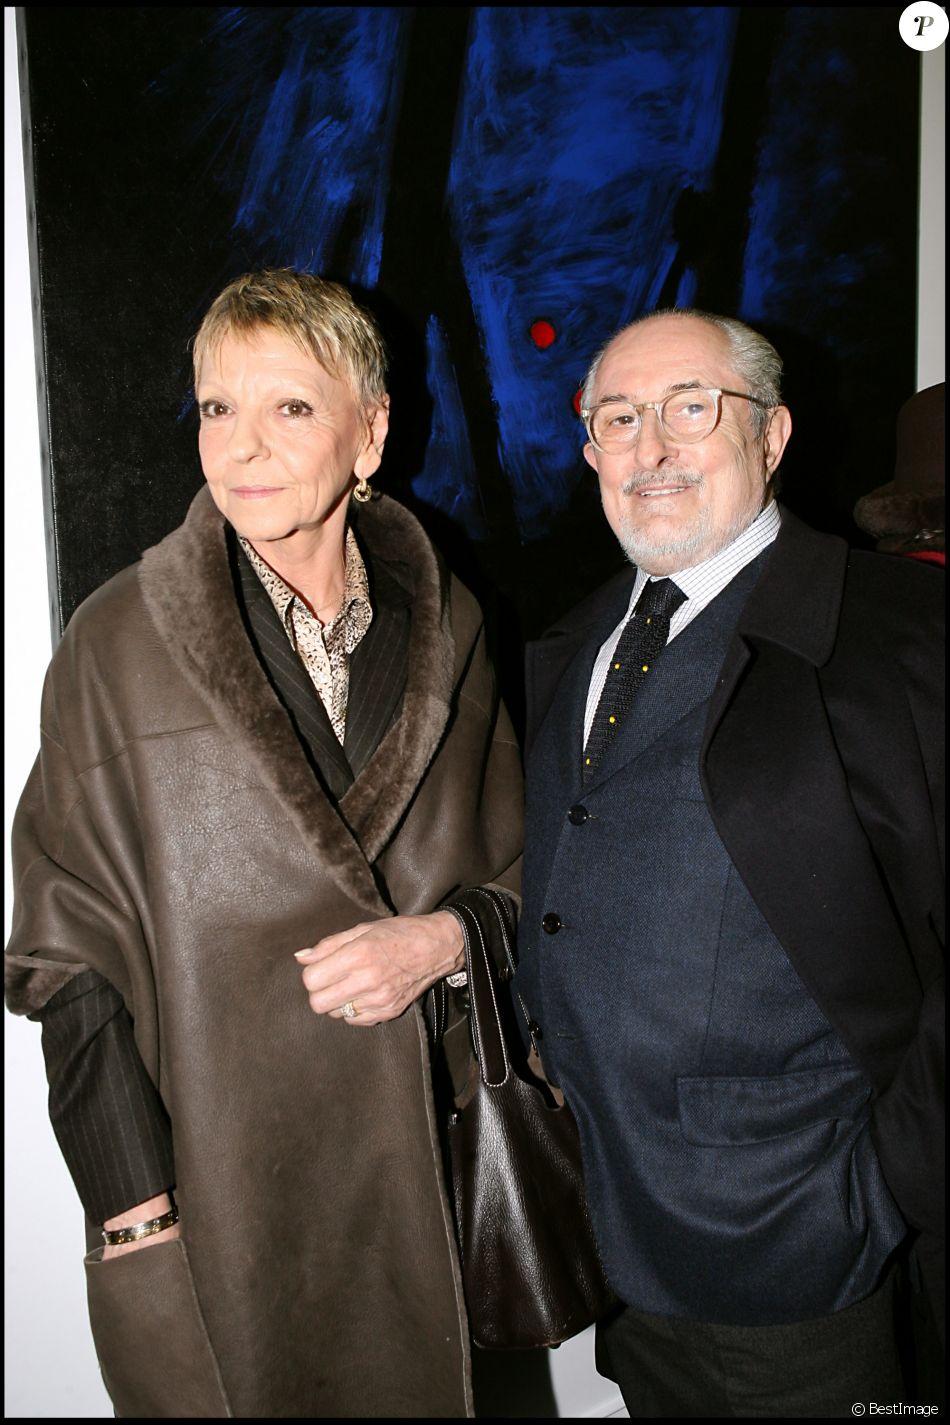 Alain Senderens et son épouse au vernissage des oeuvres de Christoph Von Weyhe à la galerie JGM à Paris en janvier 2007